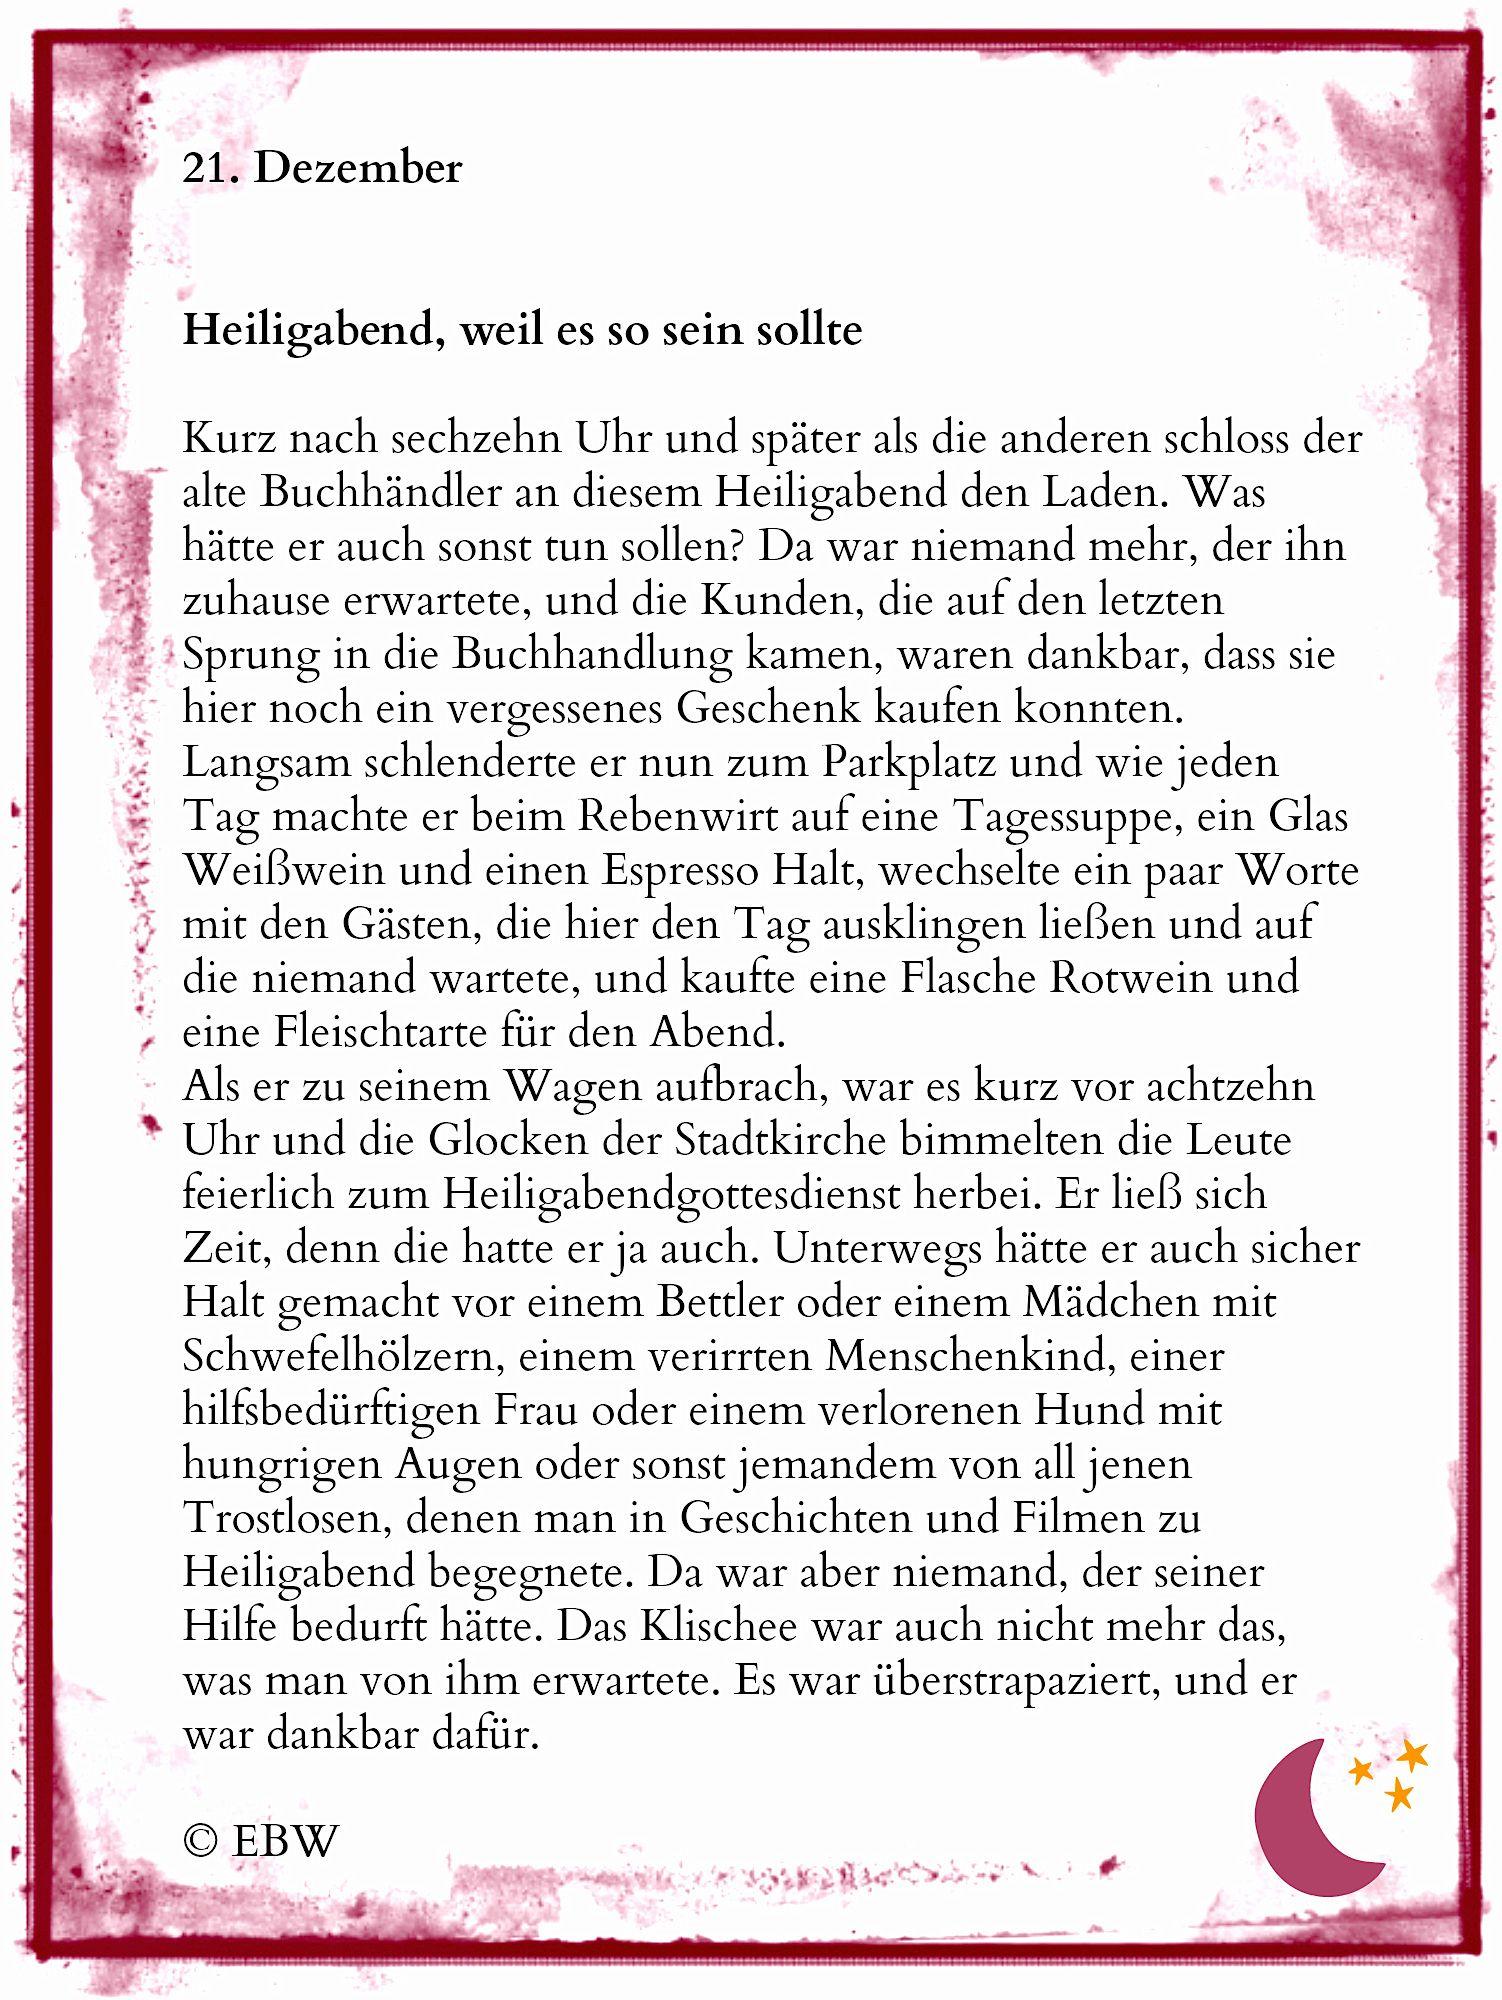 kurze Adventskalendergeschichte | Winterzeit | Gedichte zu ...